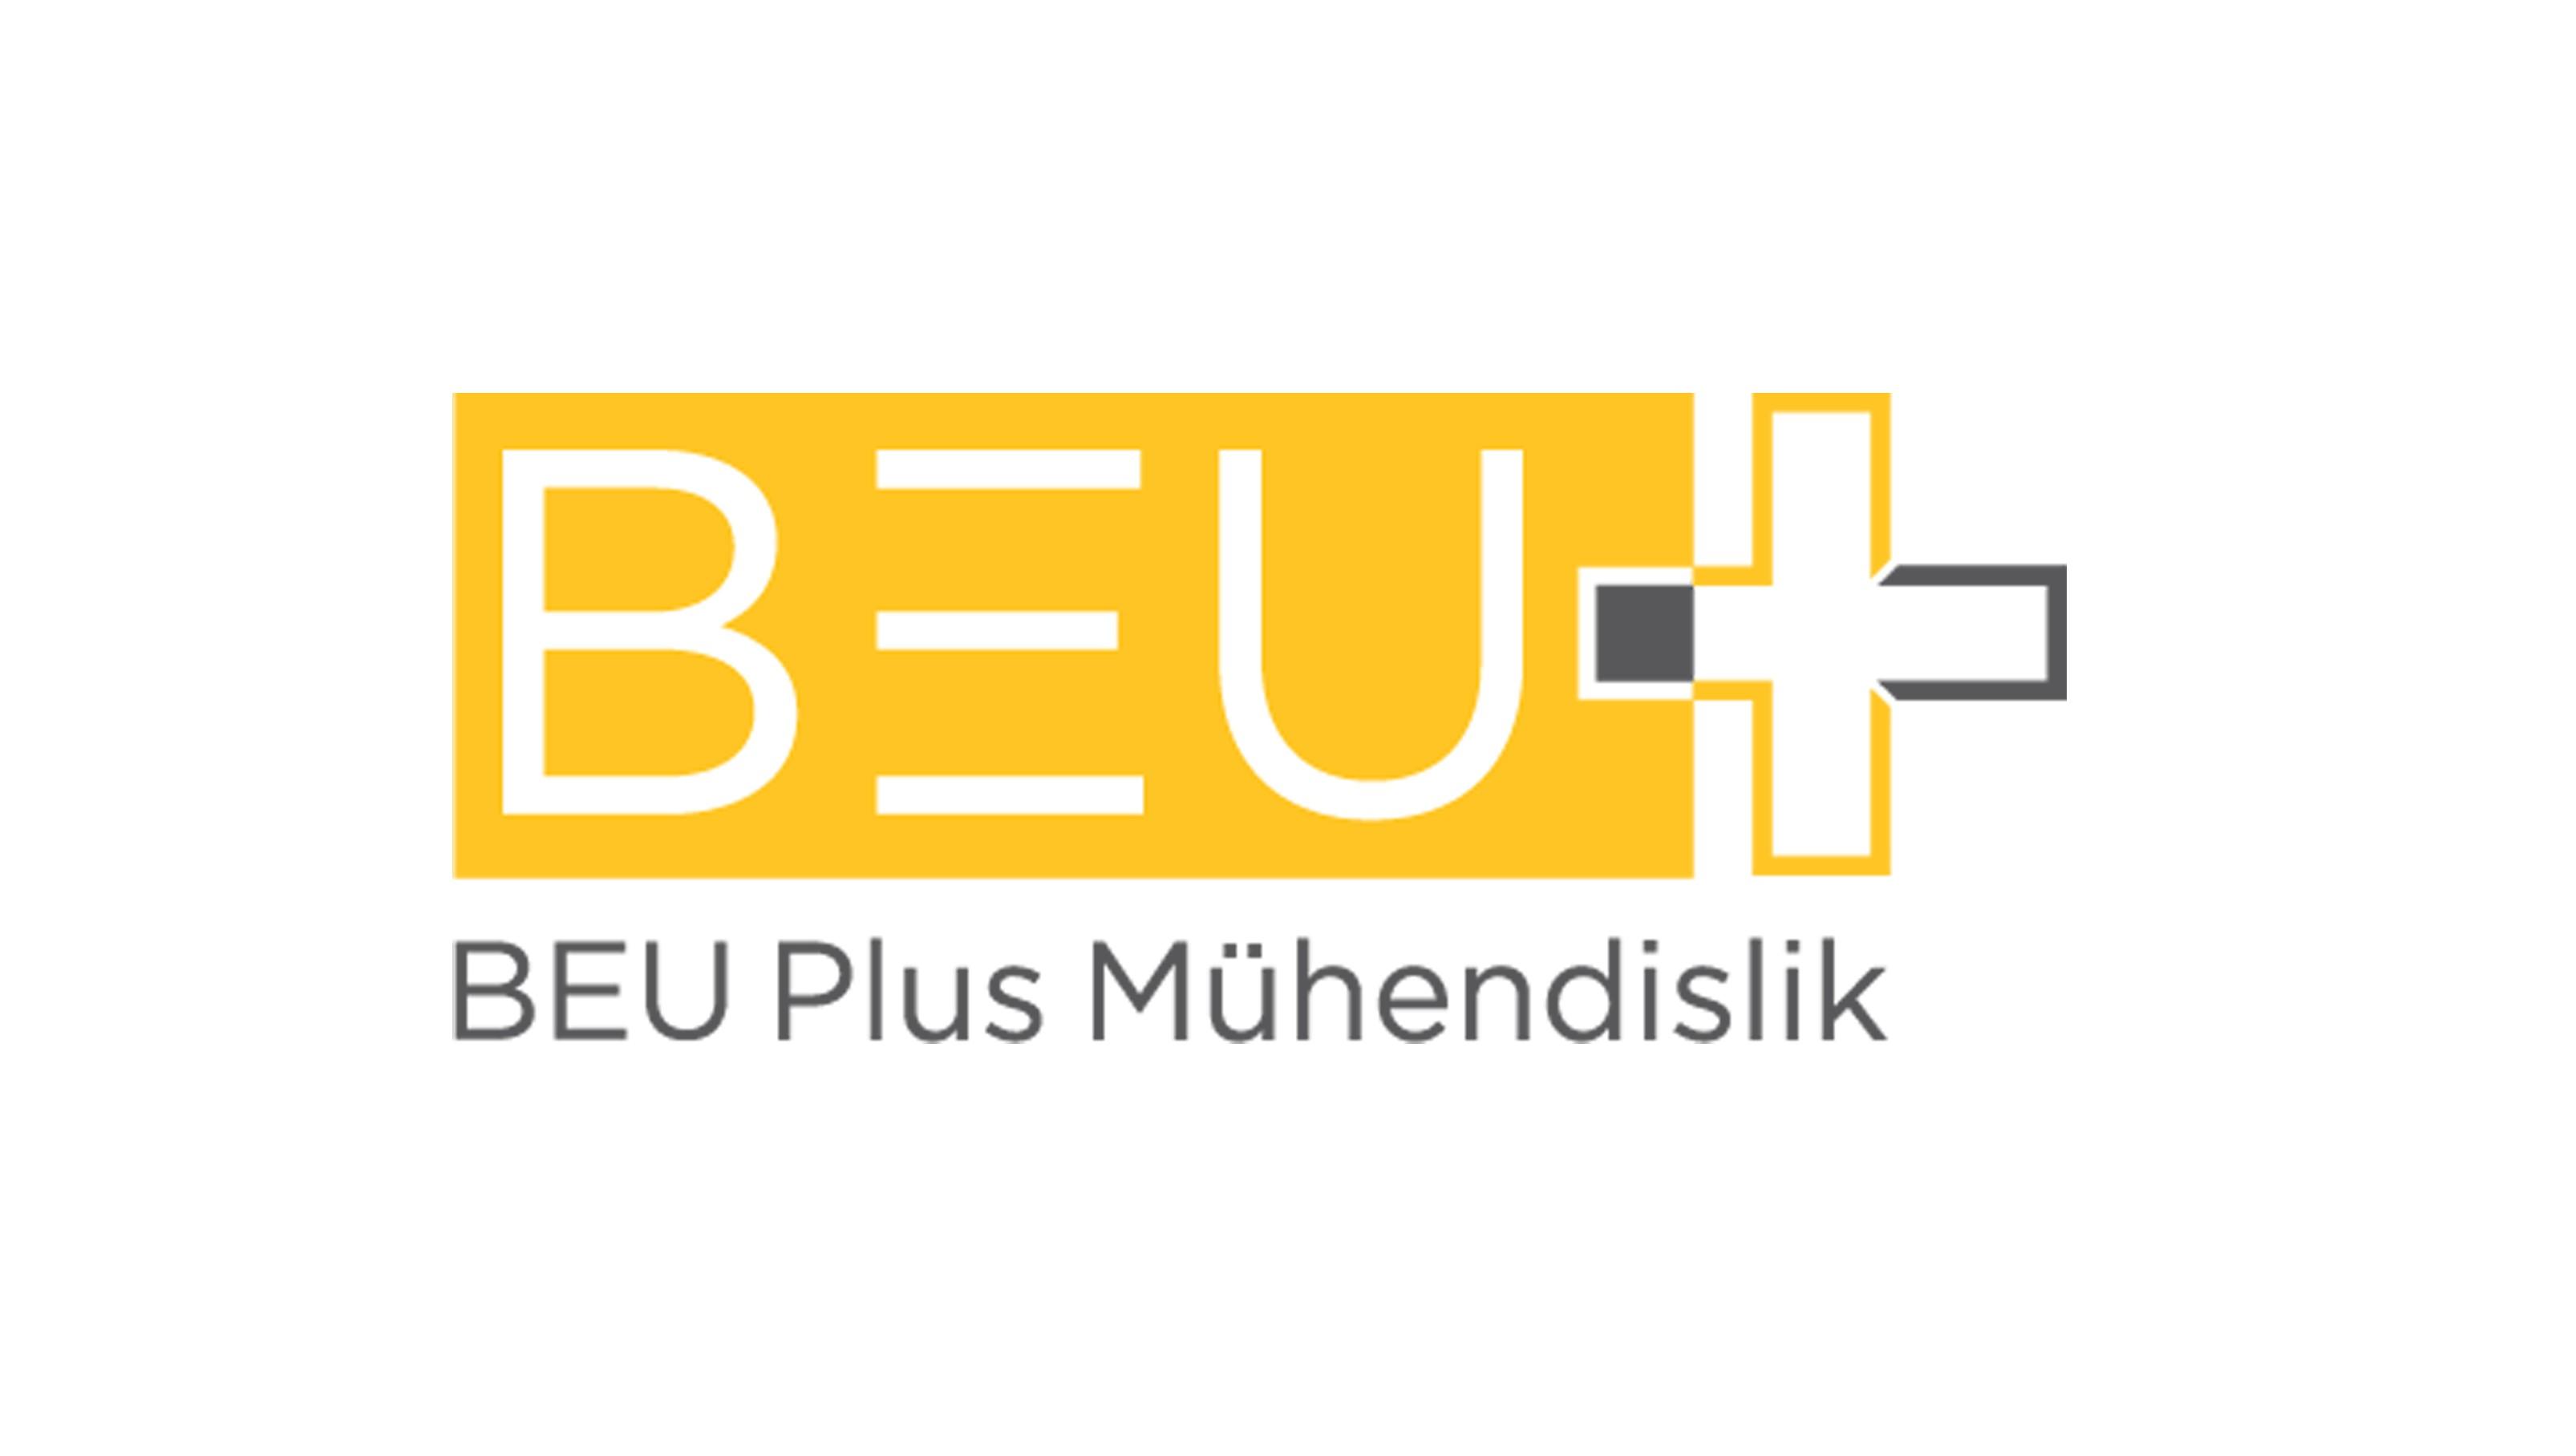 BEU Plus Mühendislik